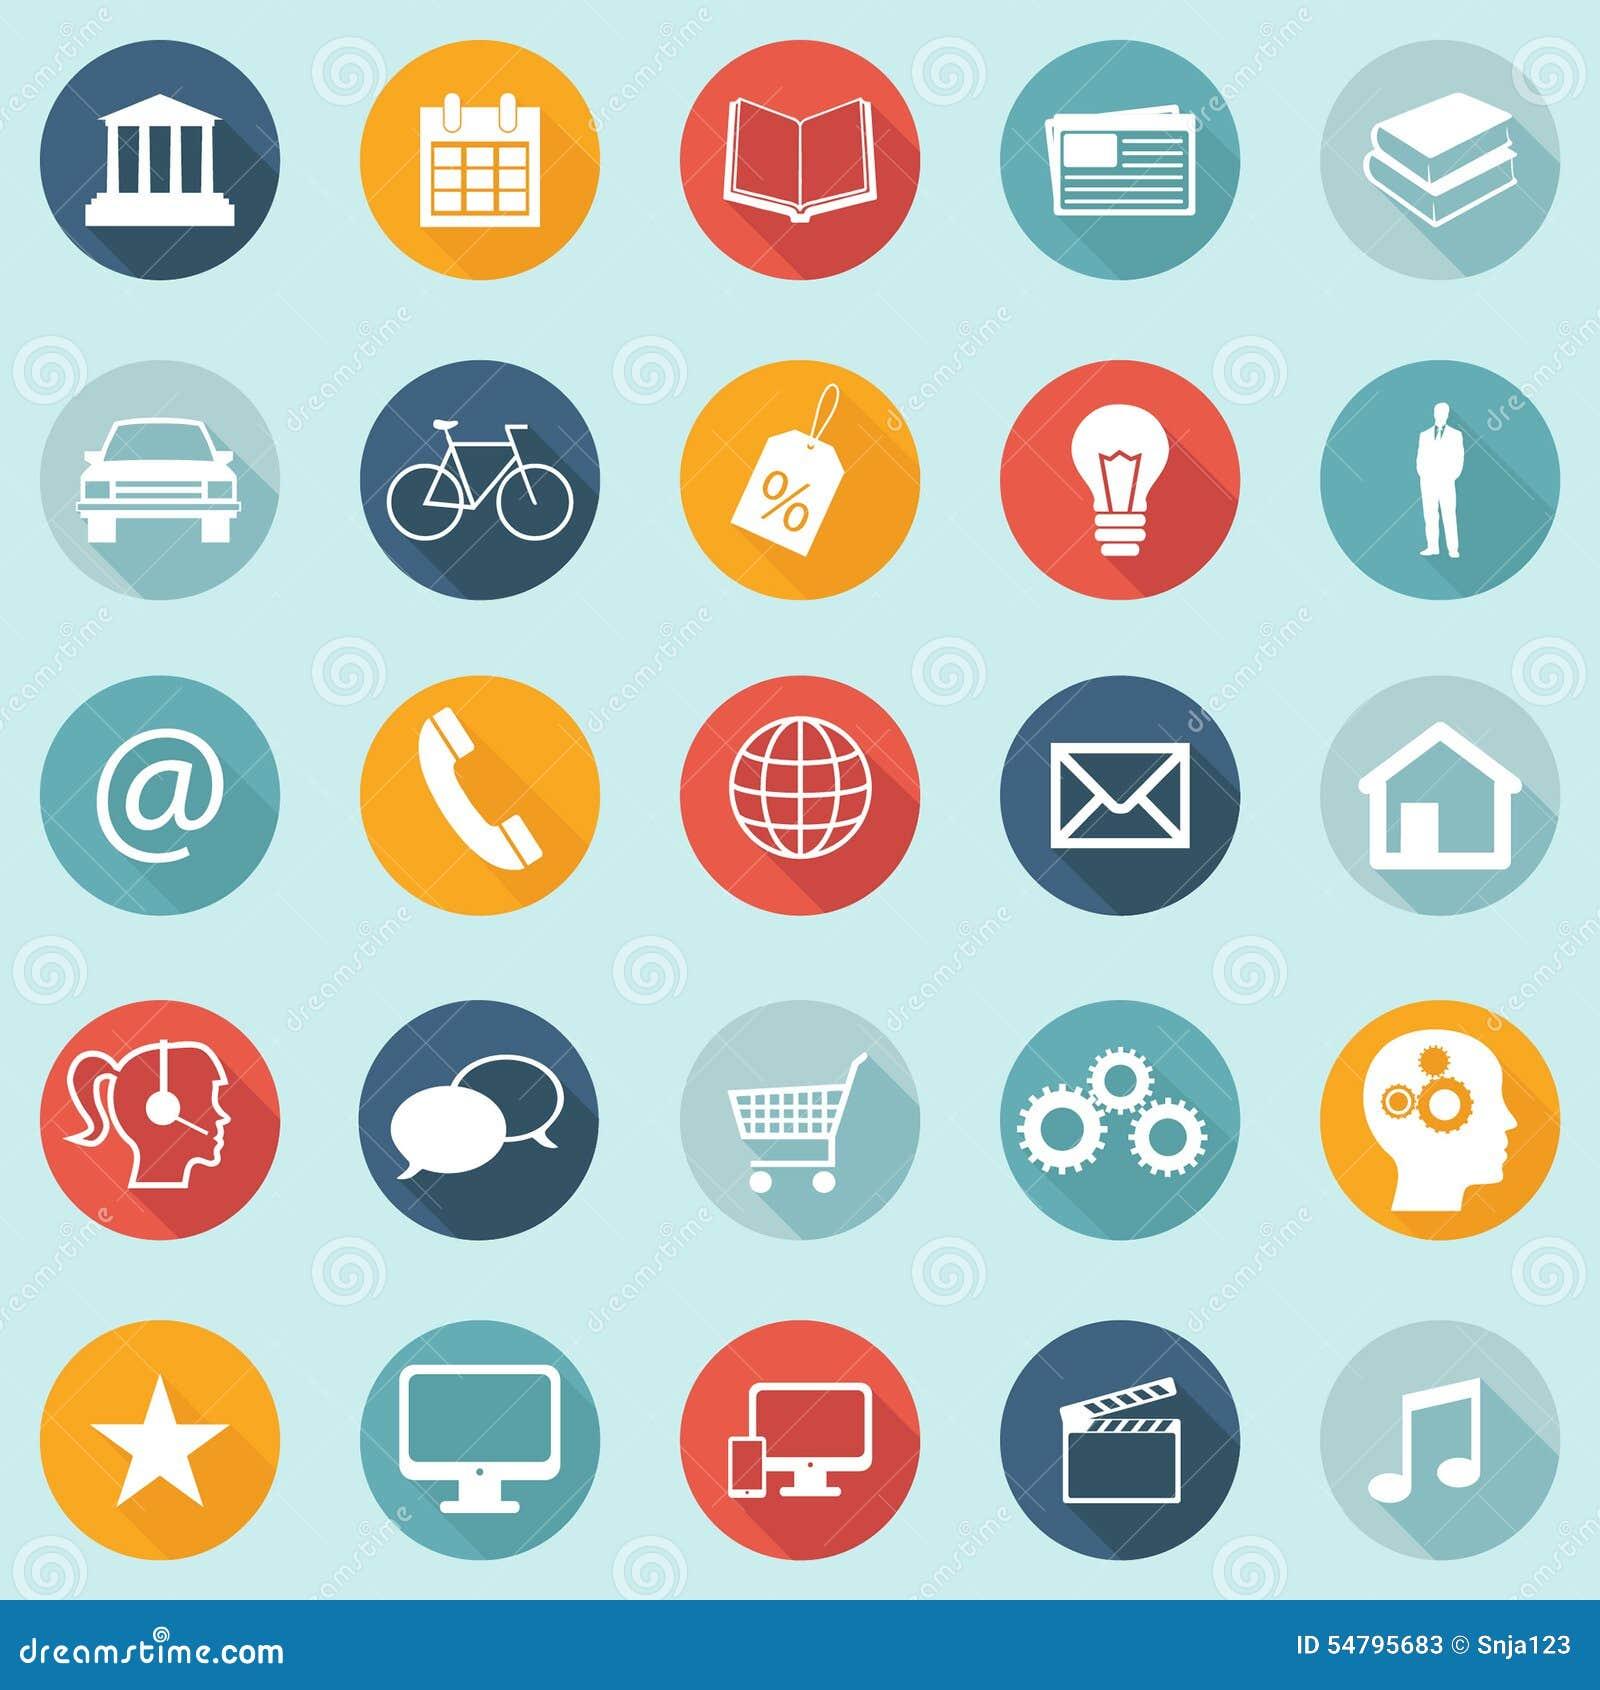 Επίπεδα εικονίδια σχεδίου - Ιστός, κινητός, App - διανυσματικό EPS10